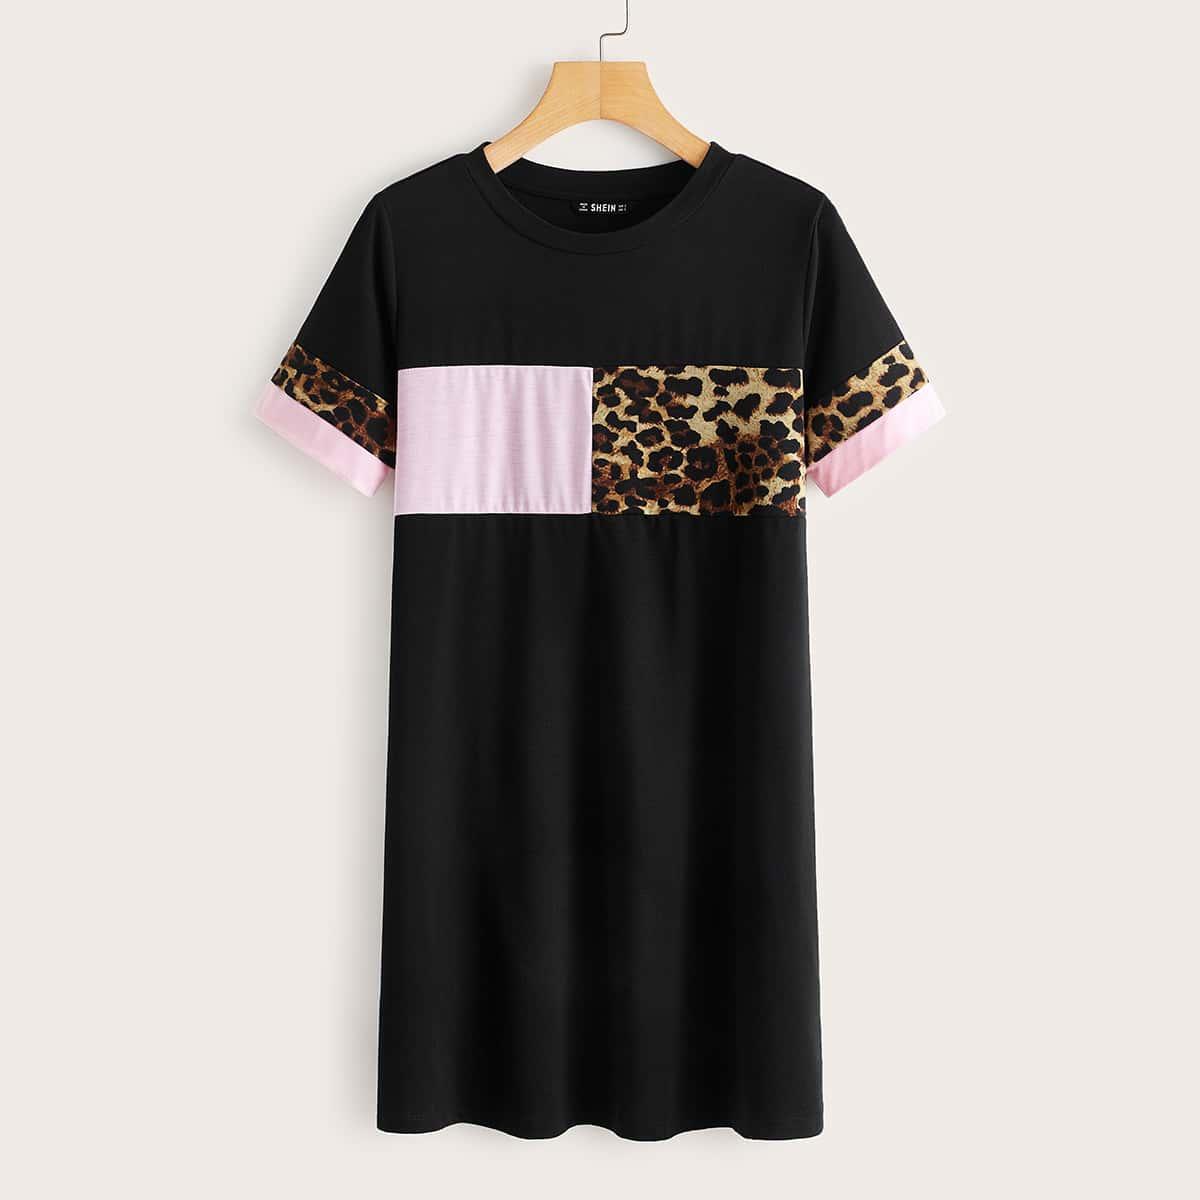 Контрастное леопардовое платье-футболка фото